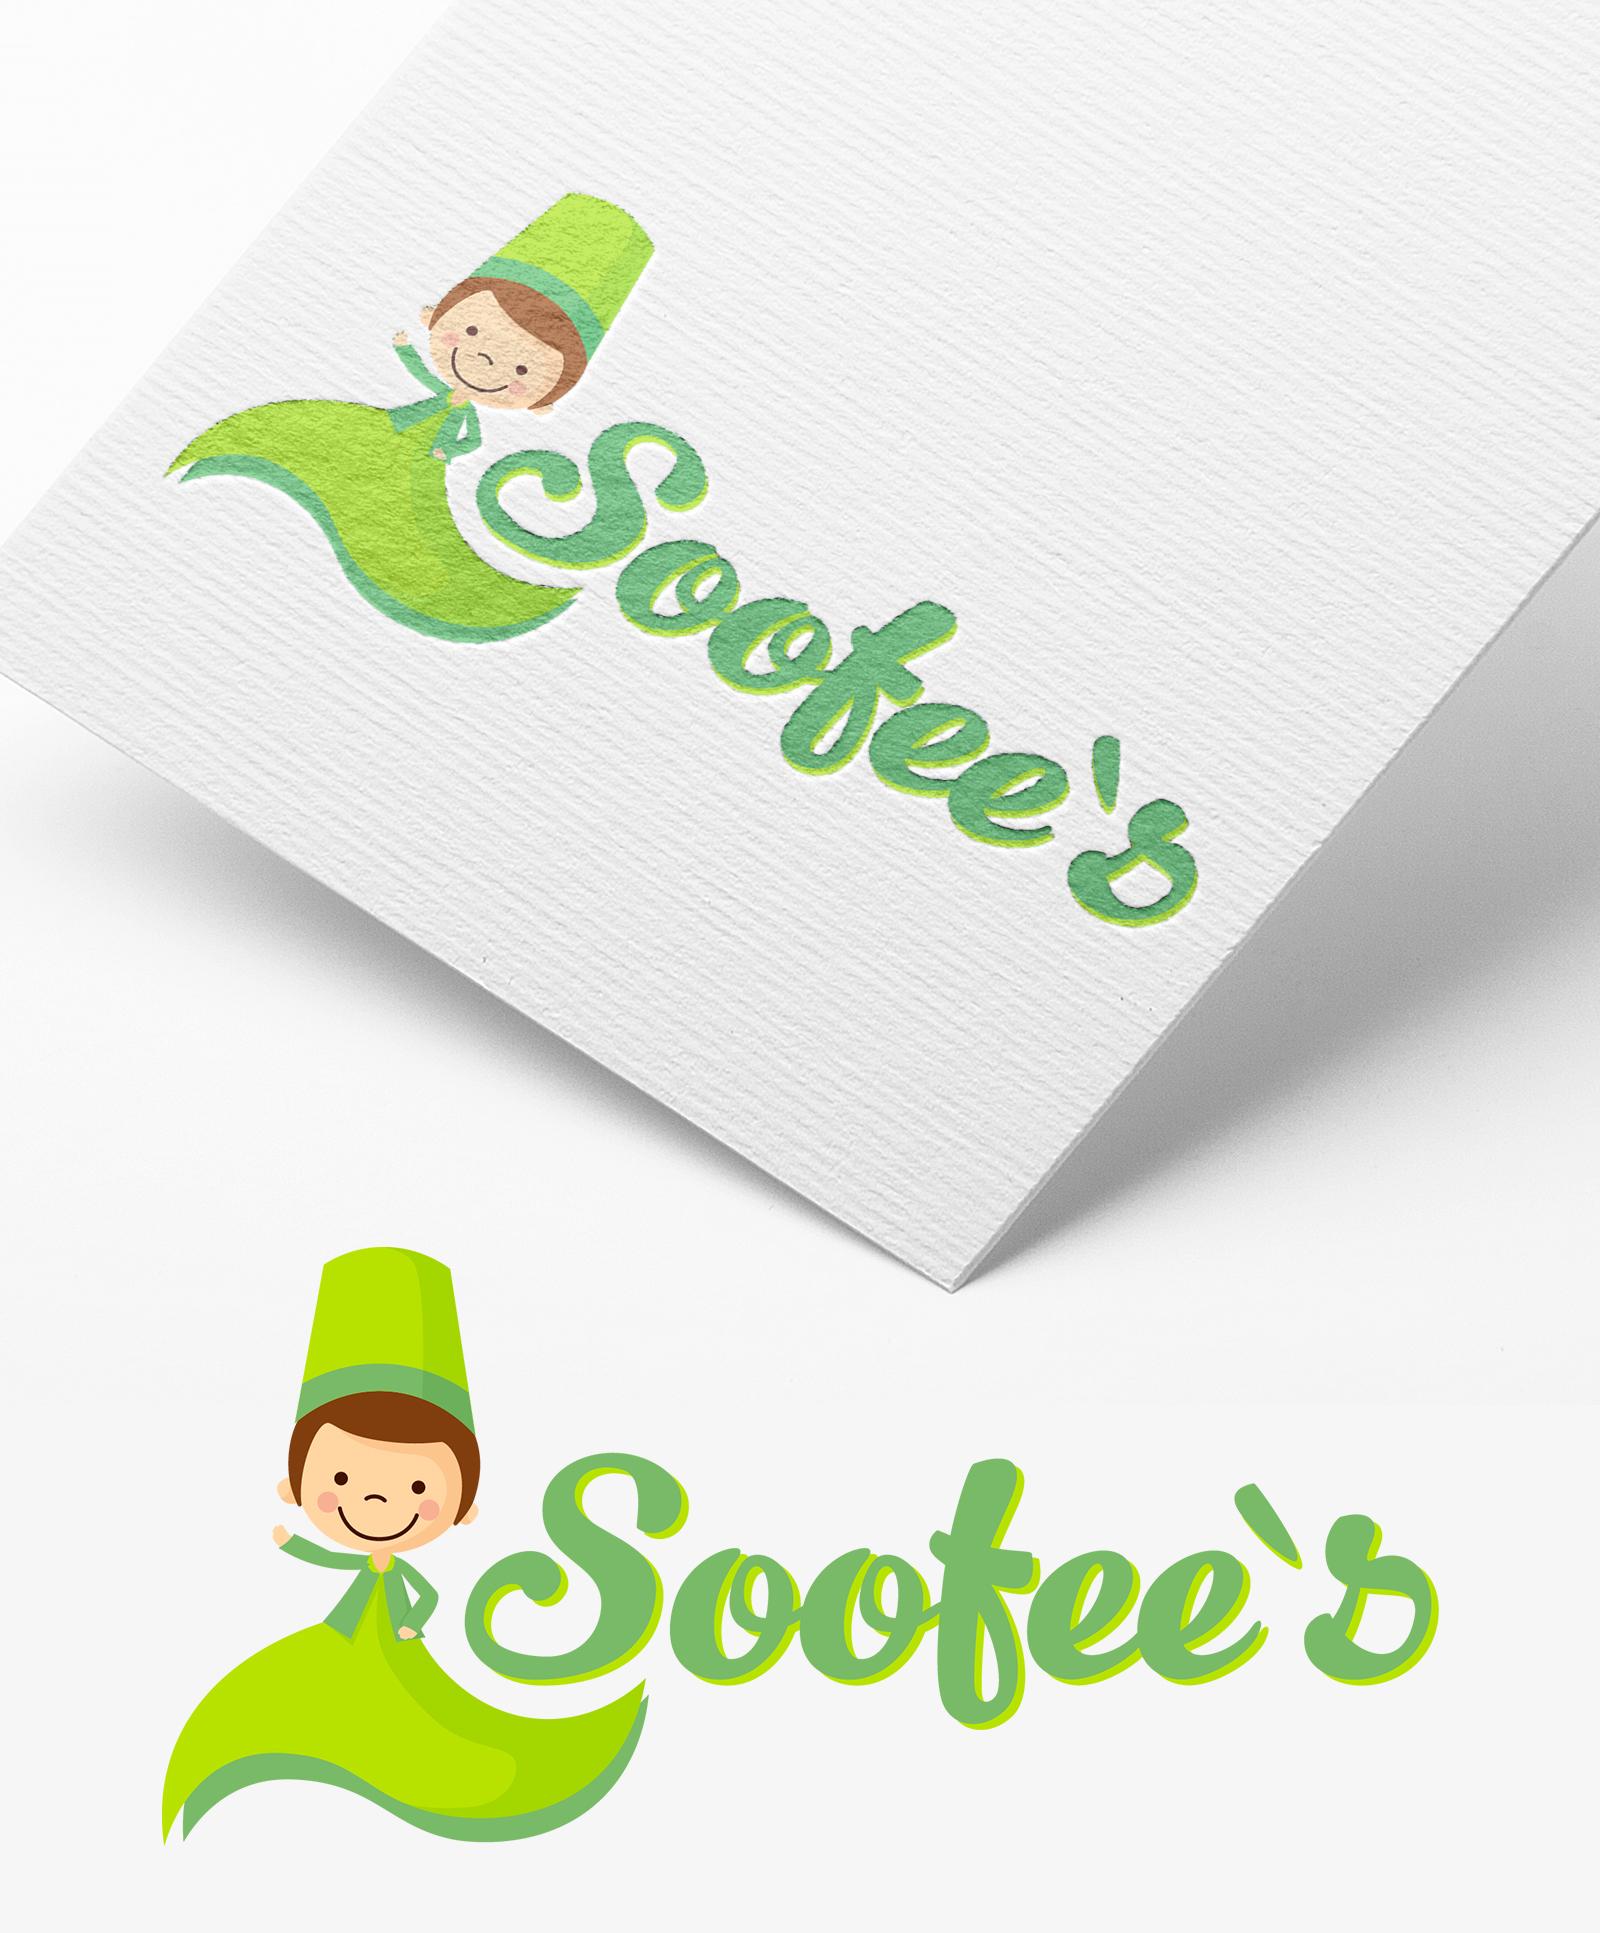 Soofees logo